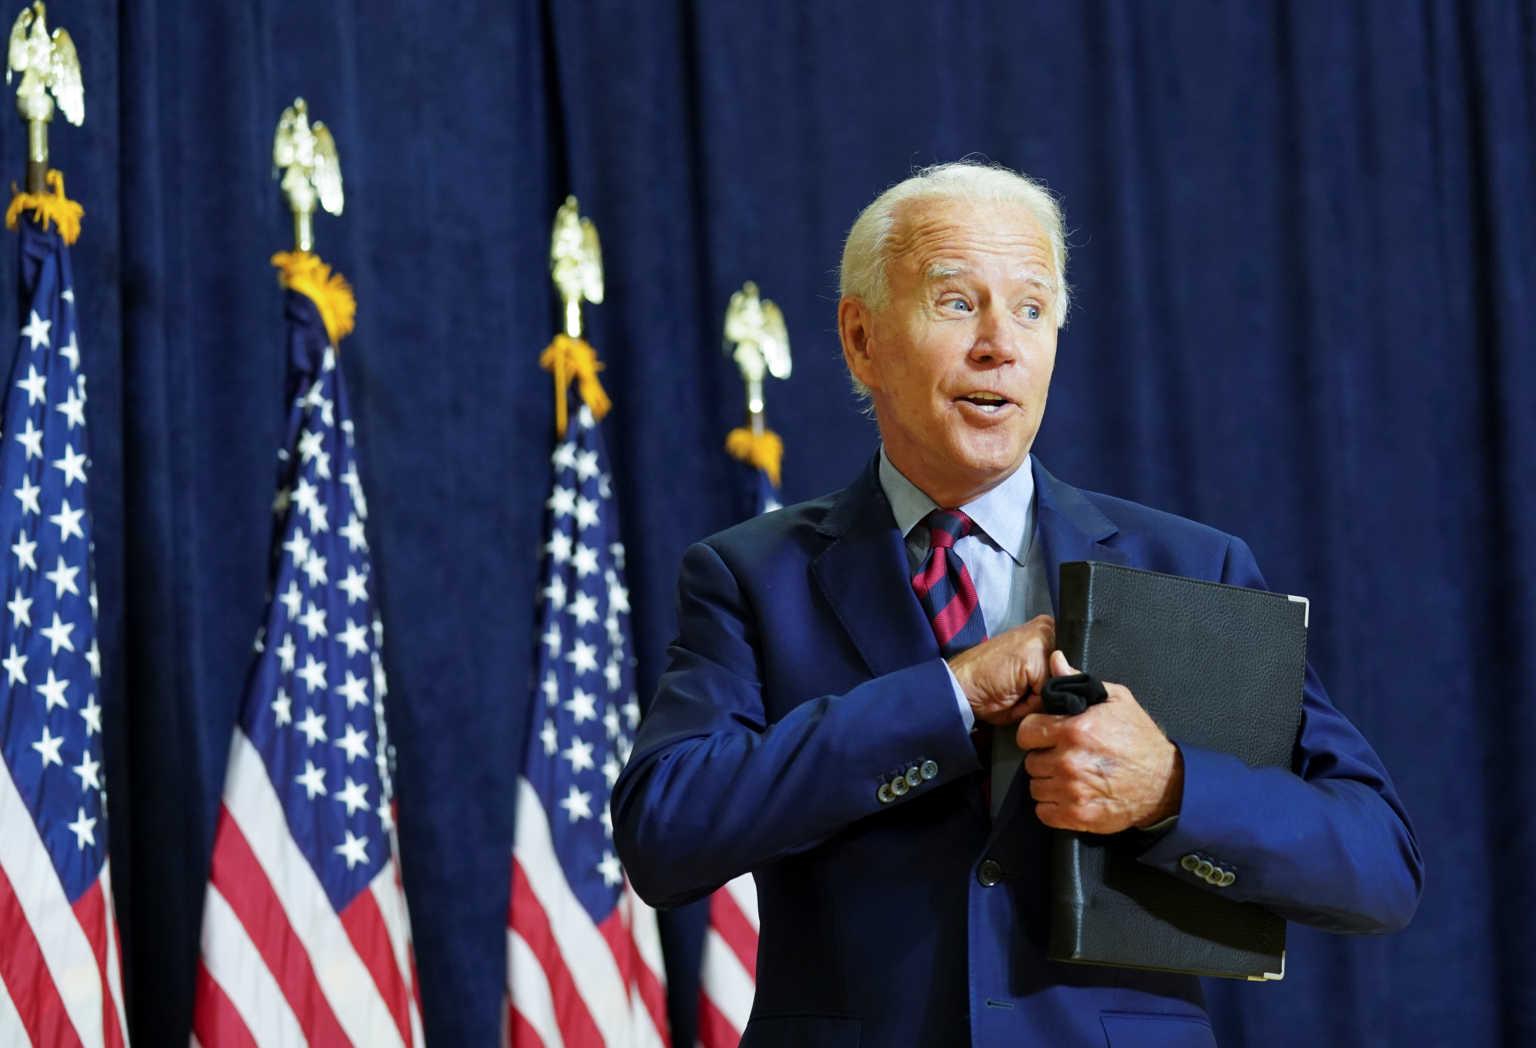 Αμερικανικές εκλογές: Τελικά μήπως τα μέσα ενημέρωσης είναι πολύ ήπια με τον Τζο Μπάιντεν;